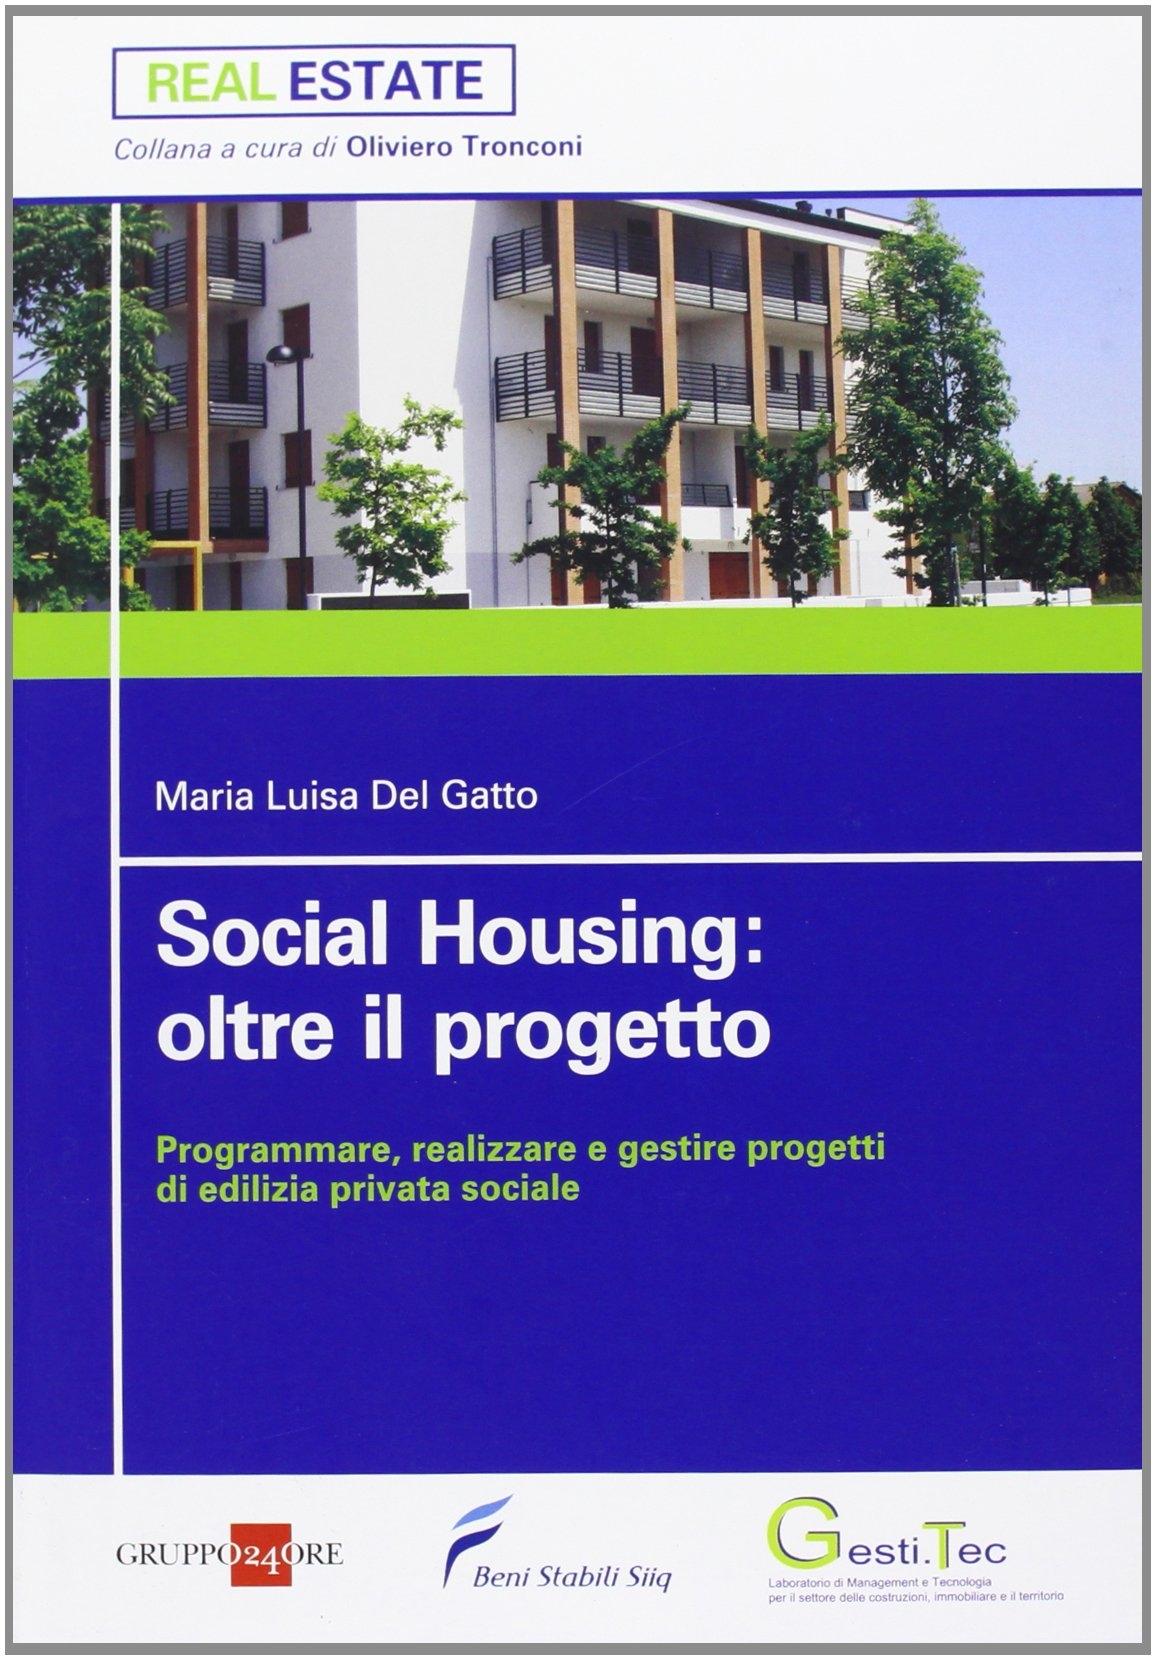 Social housing: oltre il progetto. Programmare, realizzare e gestire progetti di edilizia privata sociale